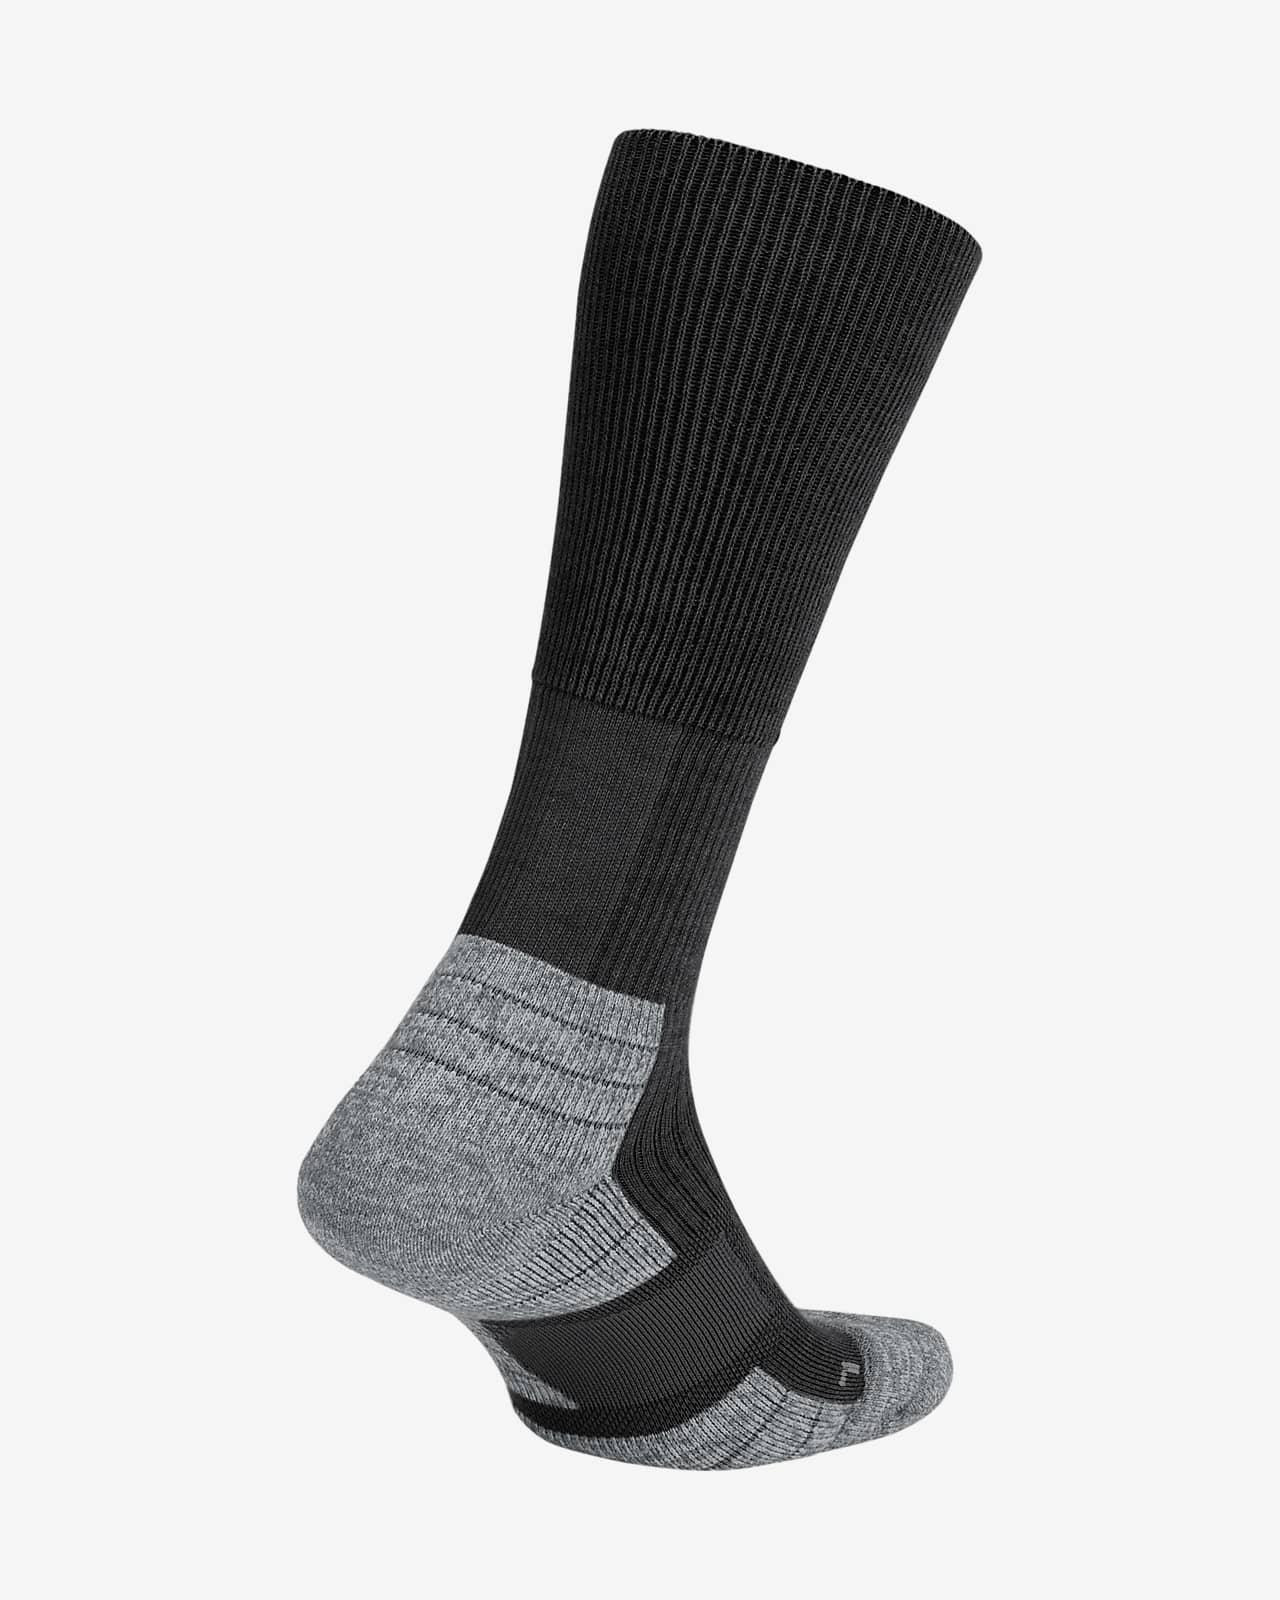 ถุงเท้า Nike Special Field